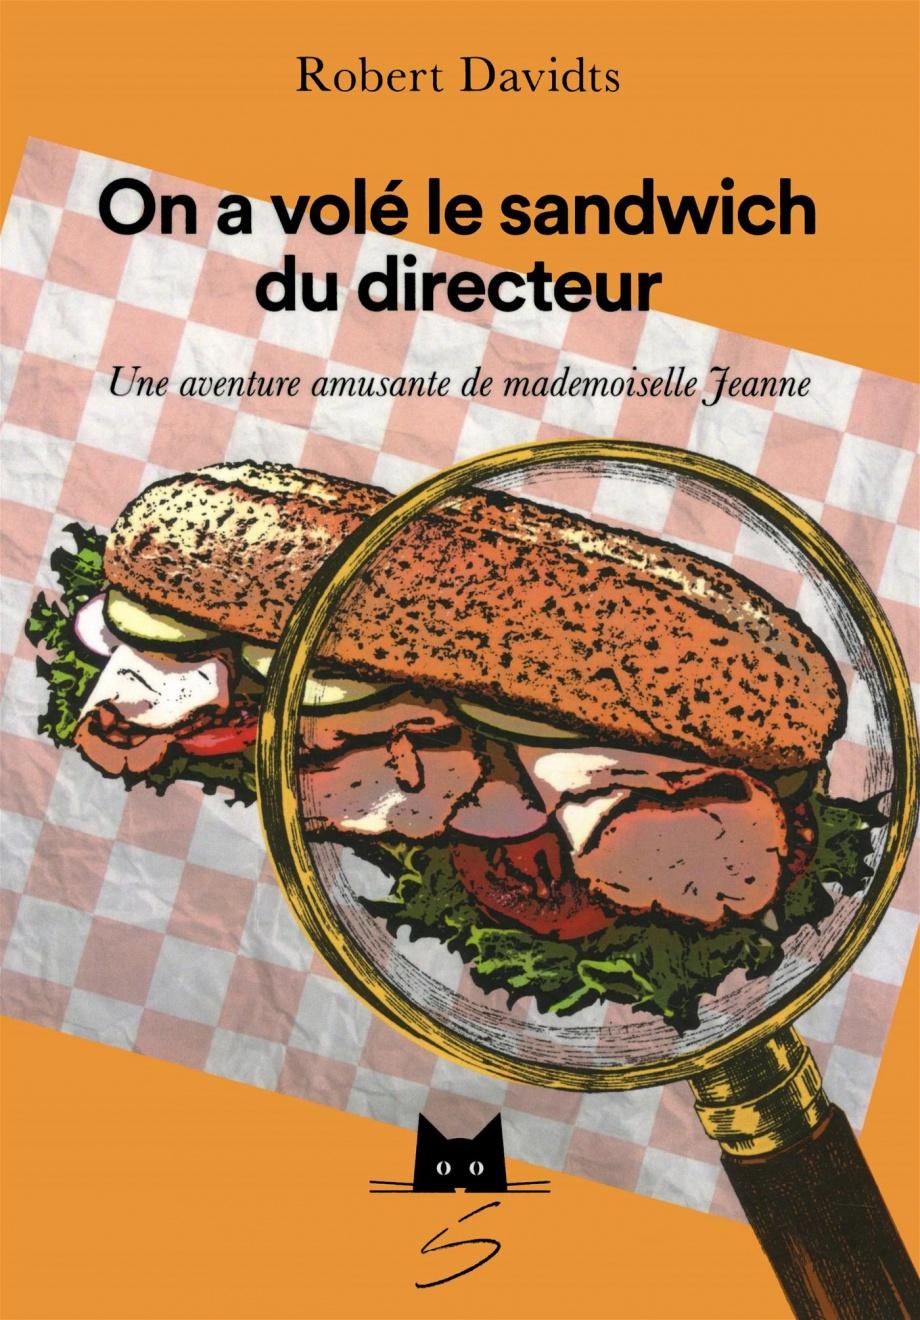 On a volé le sandwich du directeur : une aventure amusante de mademoiselle Jeanne